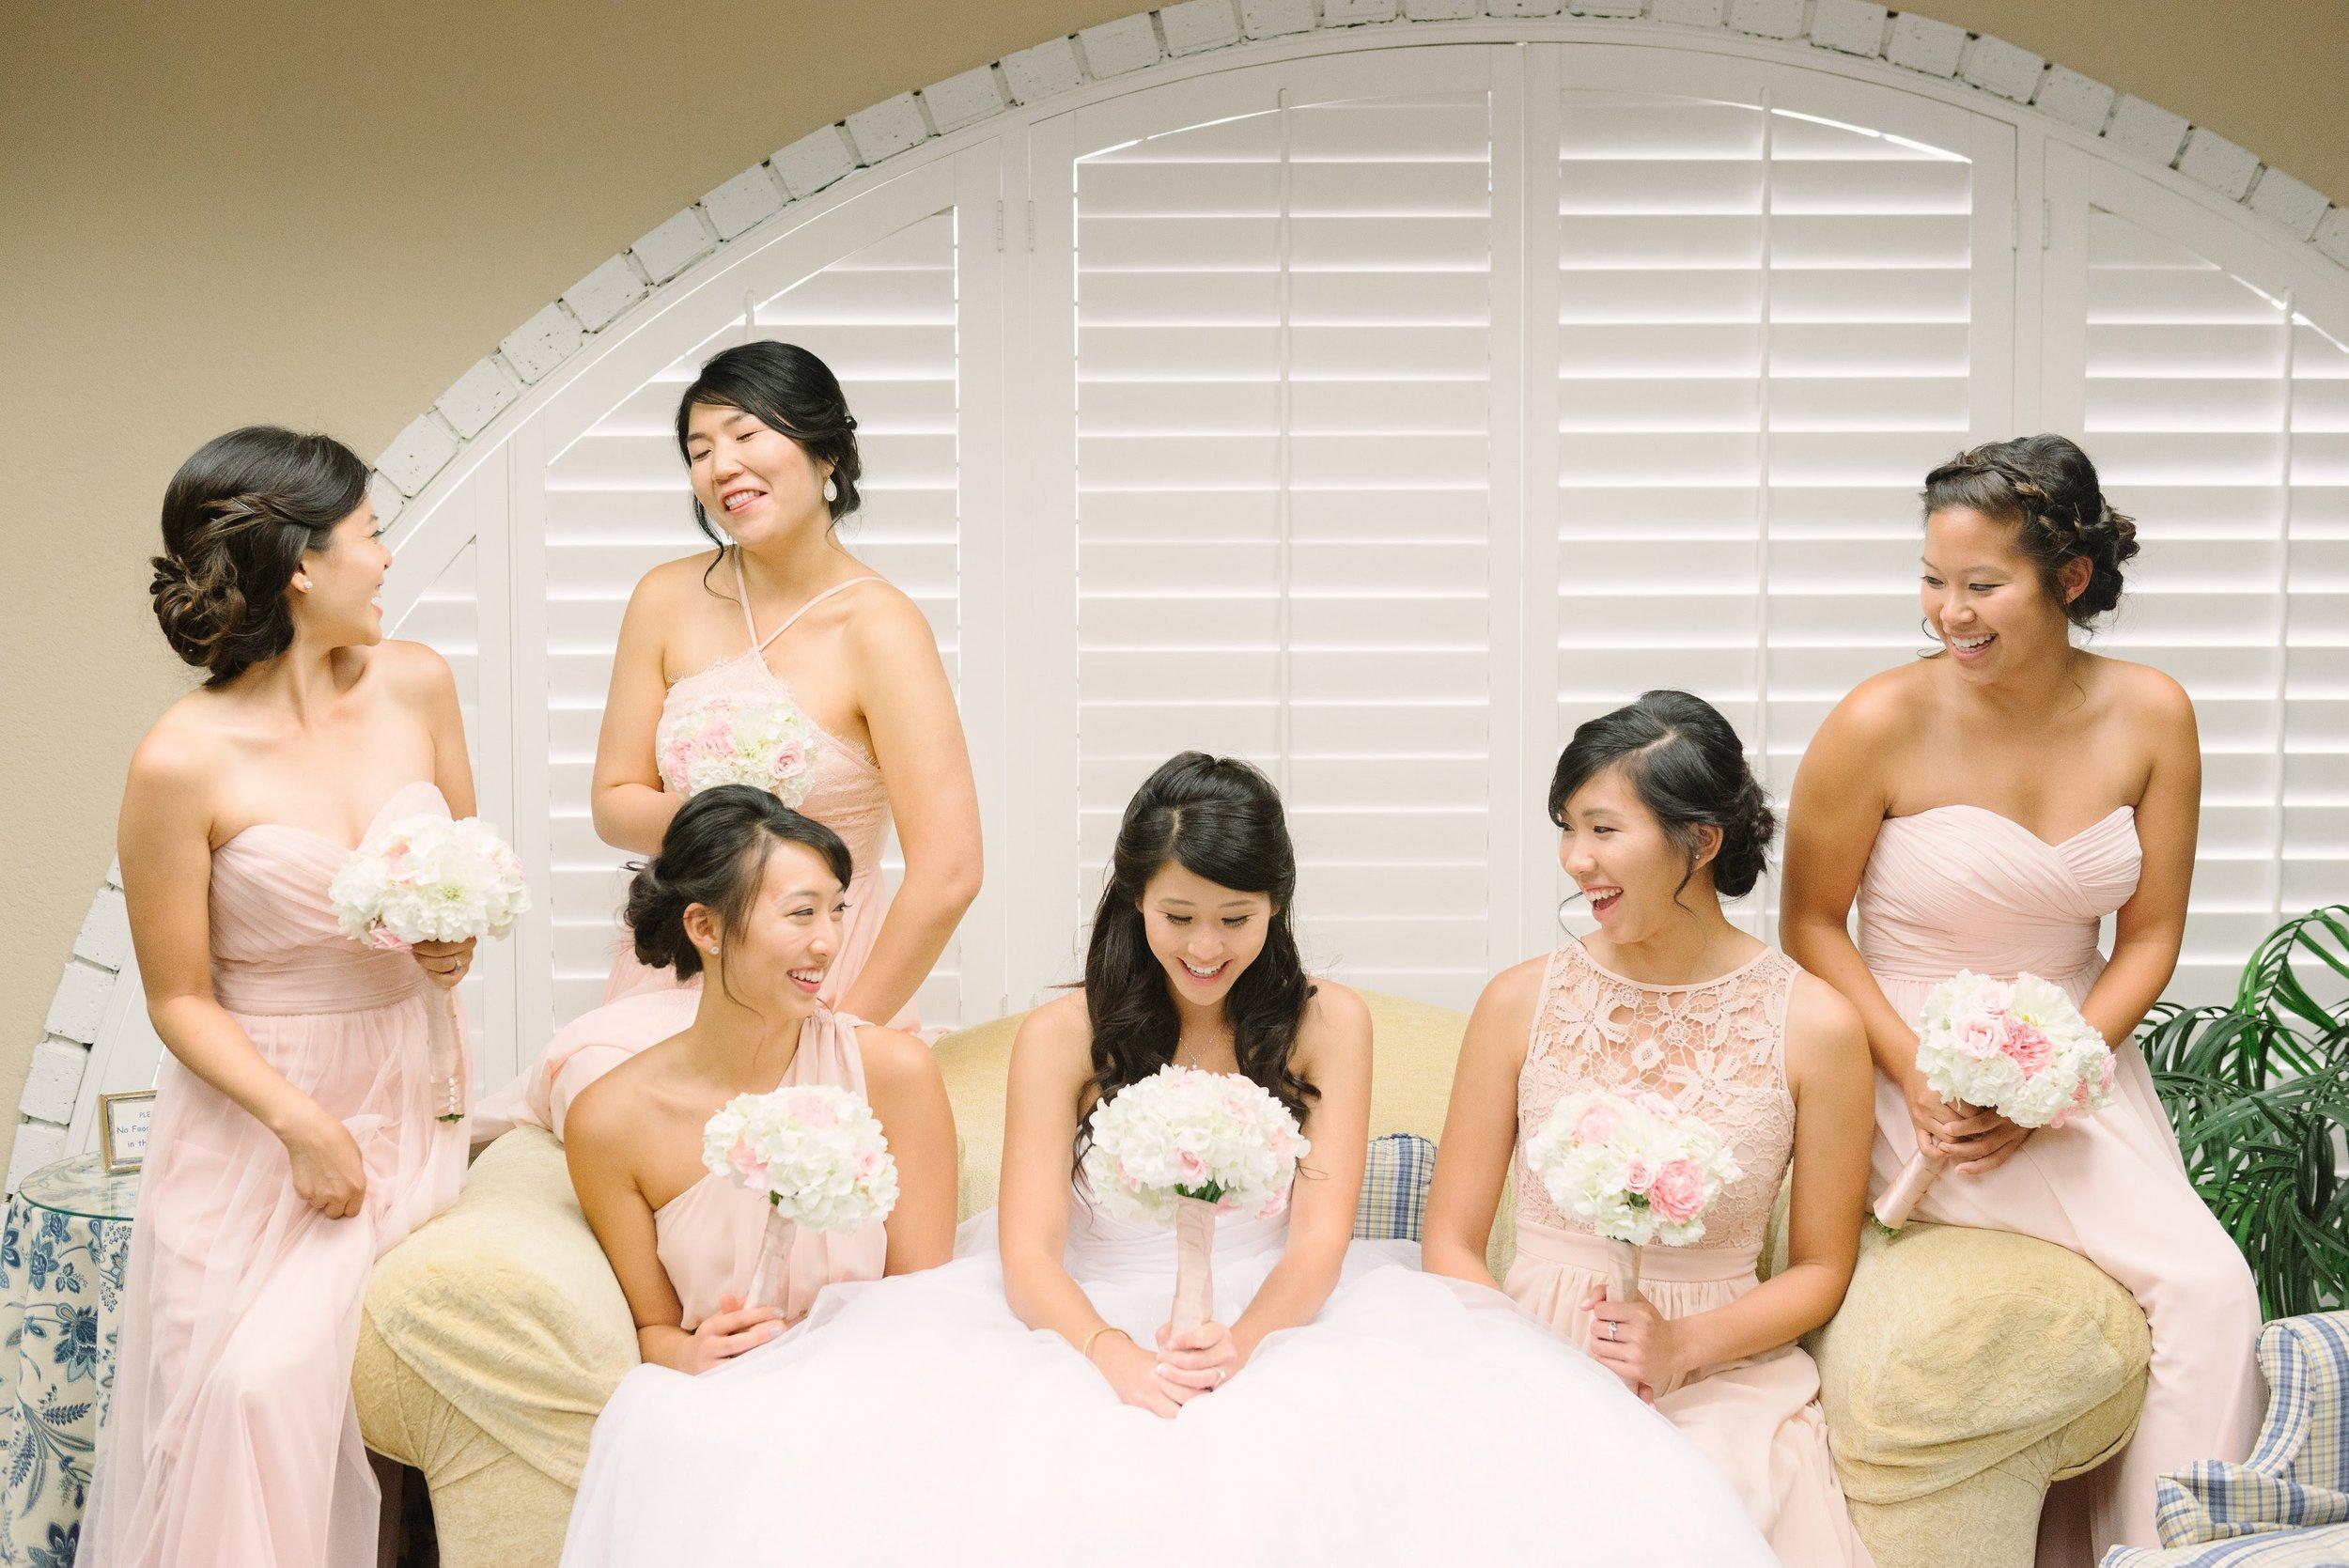 Wesley & Melissa - Wedding Florals - Floral Design - Ashley Hur - Hip Hip Hooray Dot Love